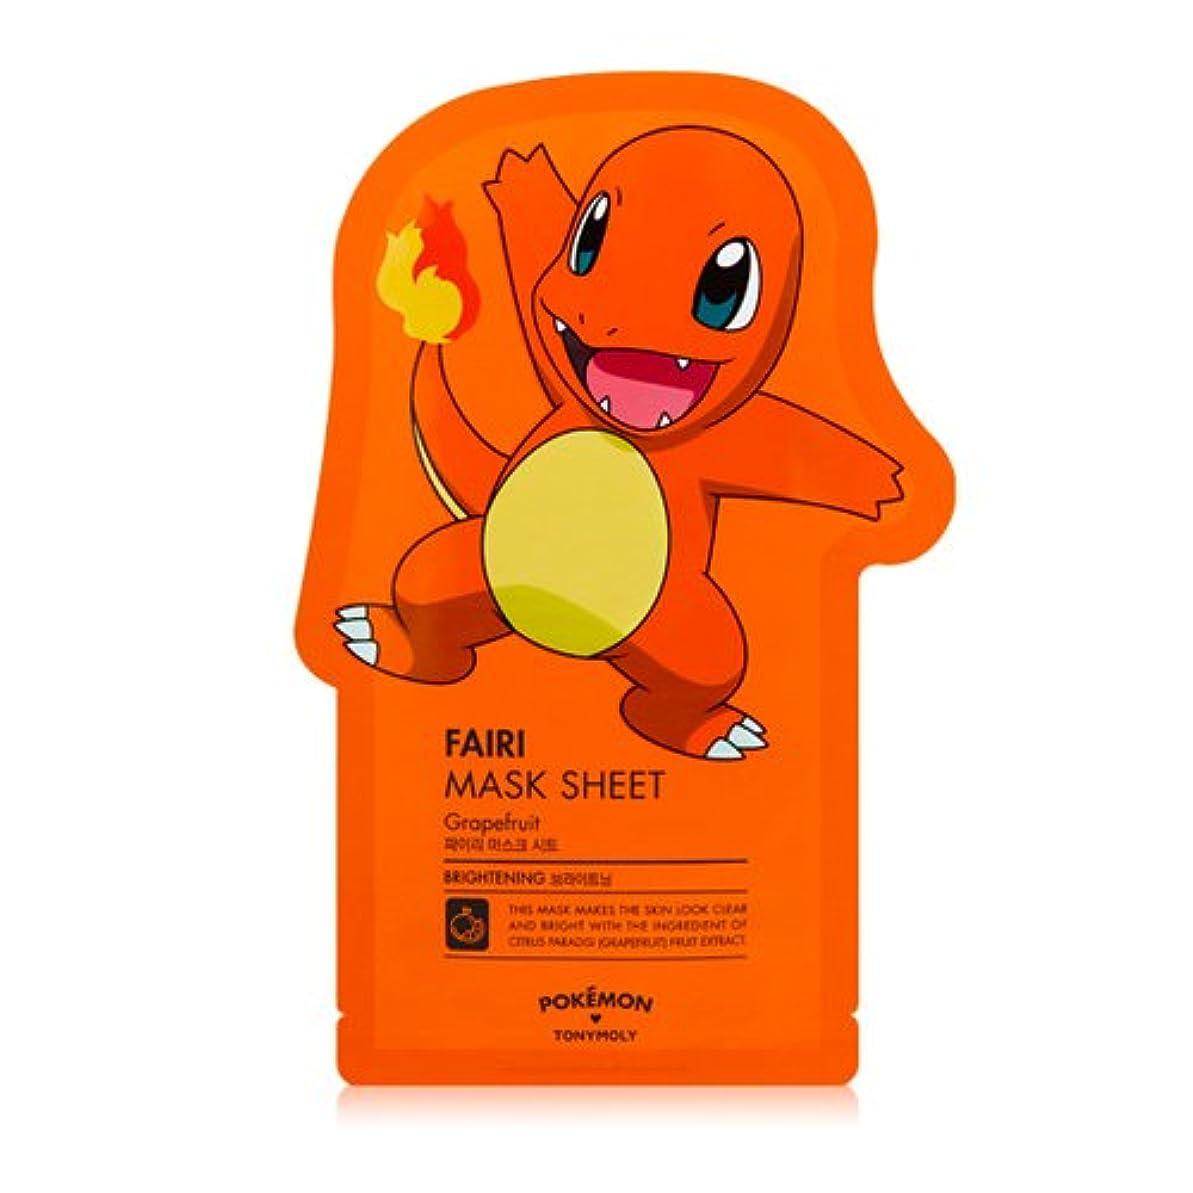 かすかな商標ルーキーTONYMOLY x Pokemon Charmander/Fairi Mask Sheet (並行輸入品)